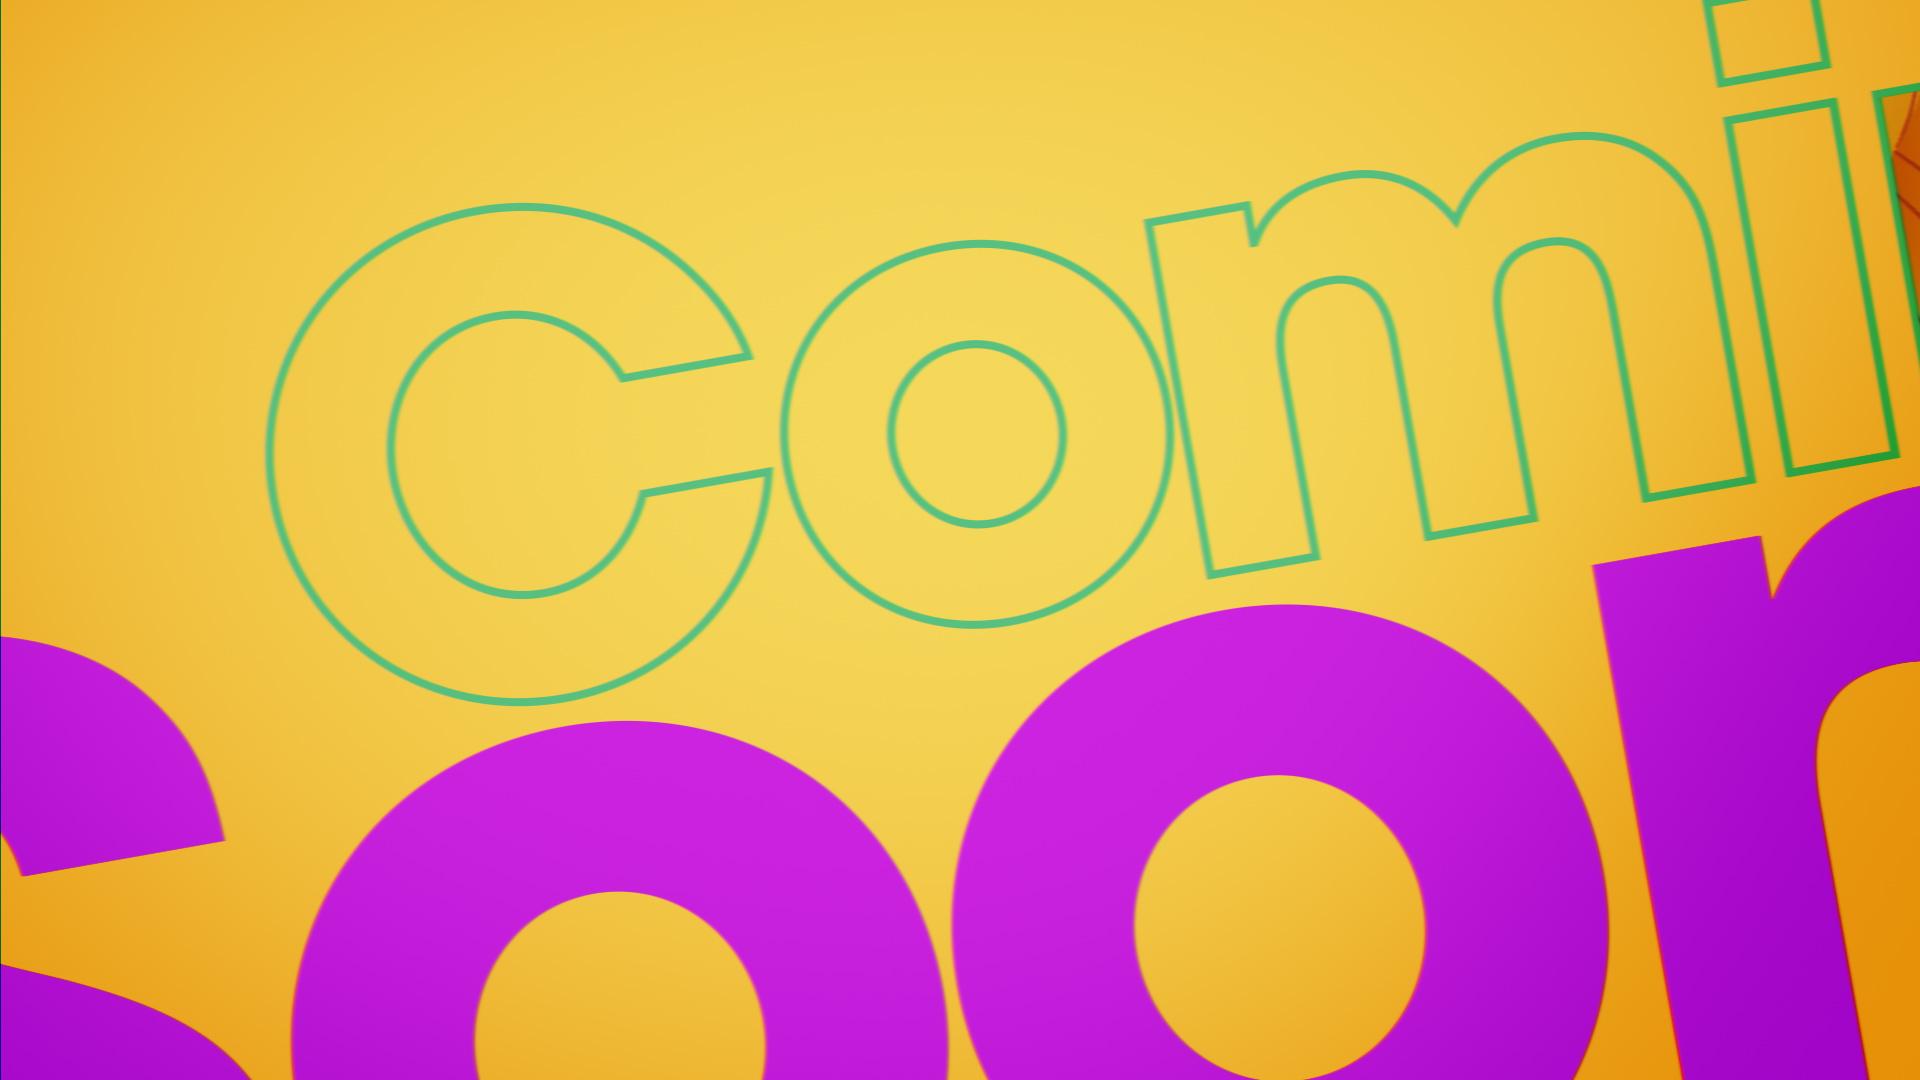 FRY_IN_ComingSoon_kk_09aAlt 2 (0-00-00-00).jpg